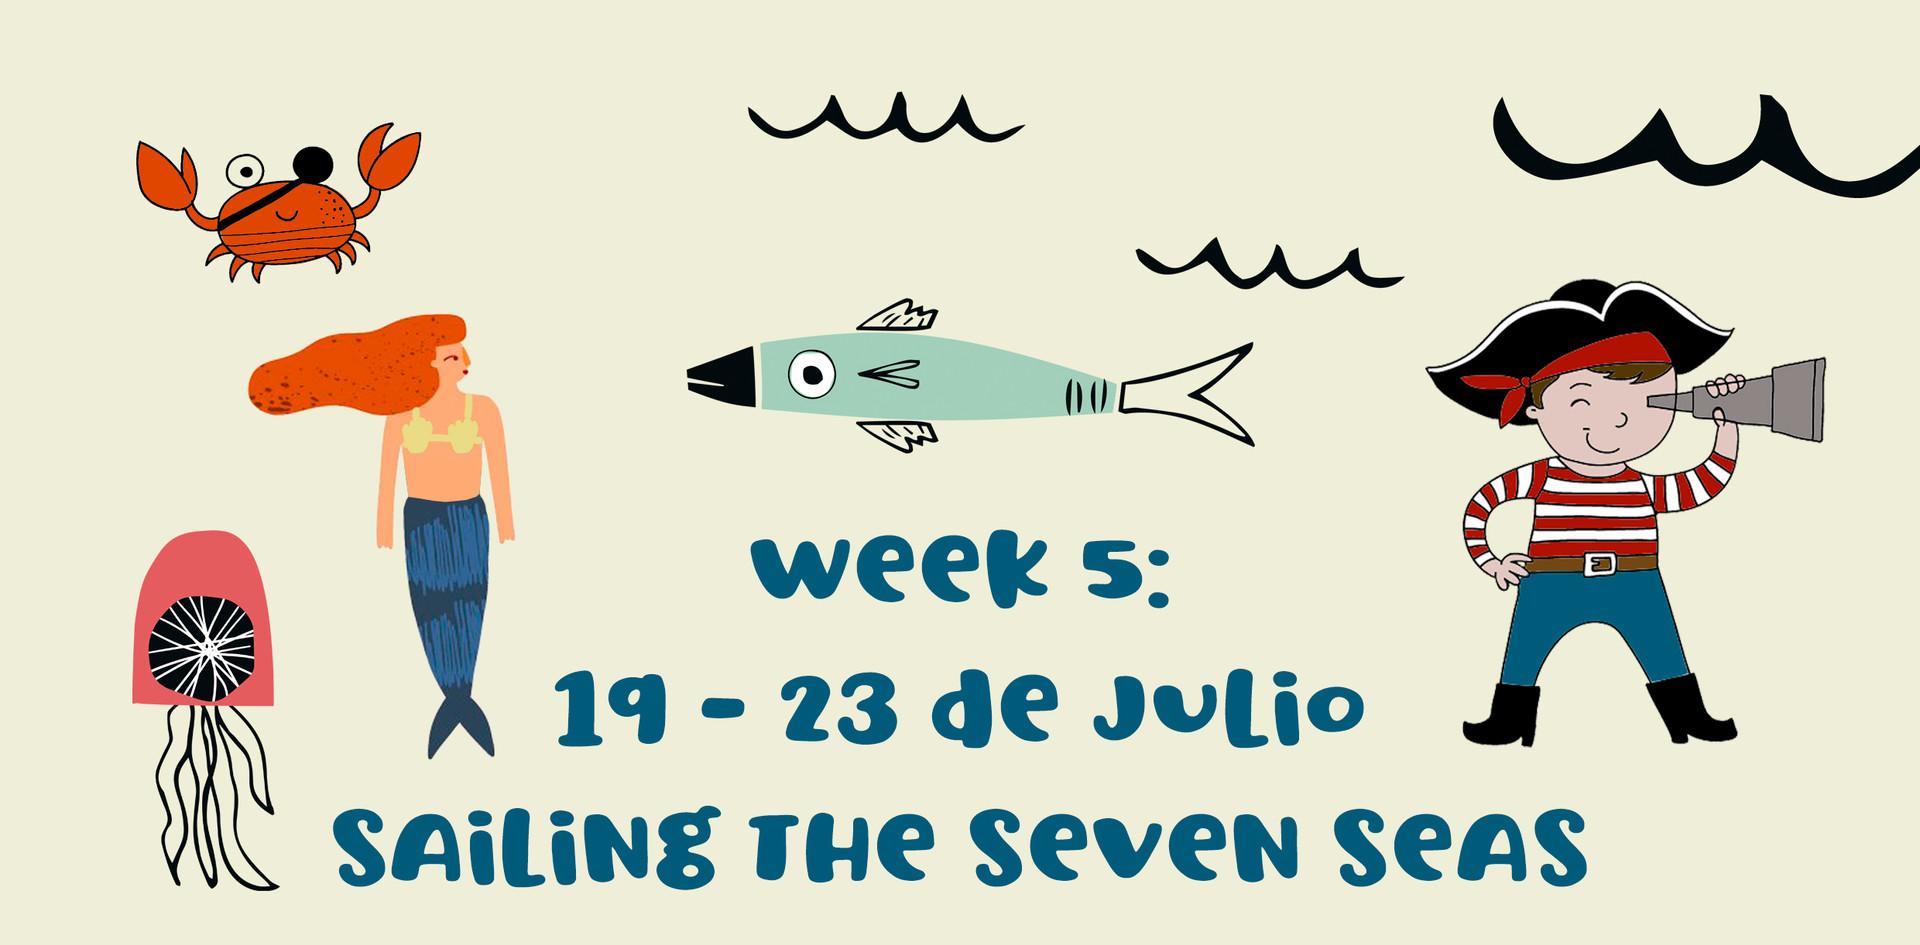 Week 5: